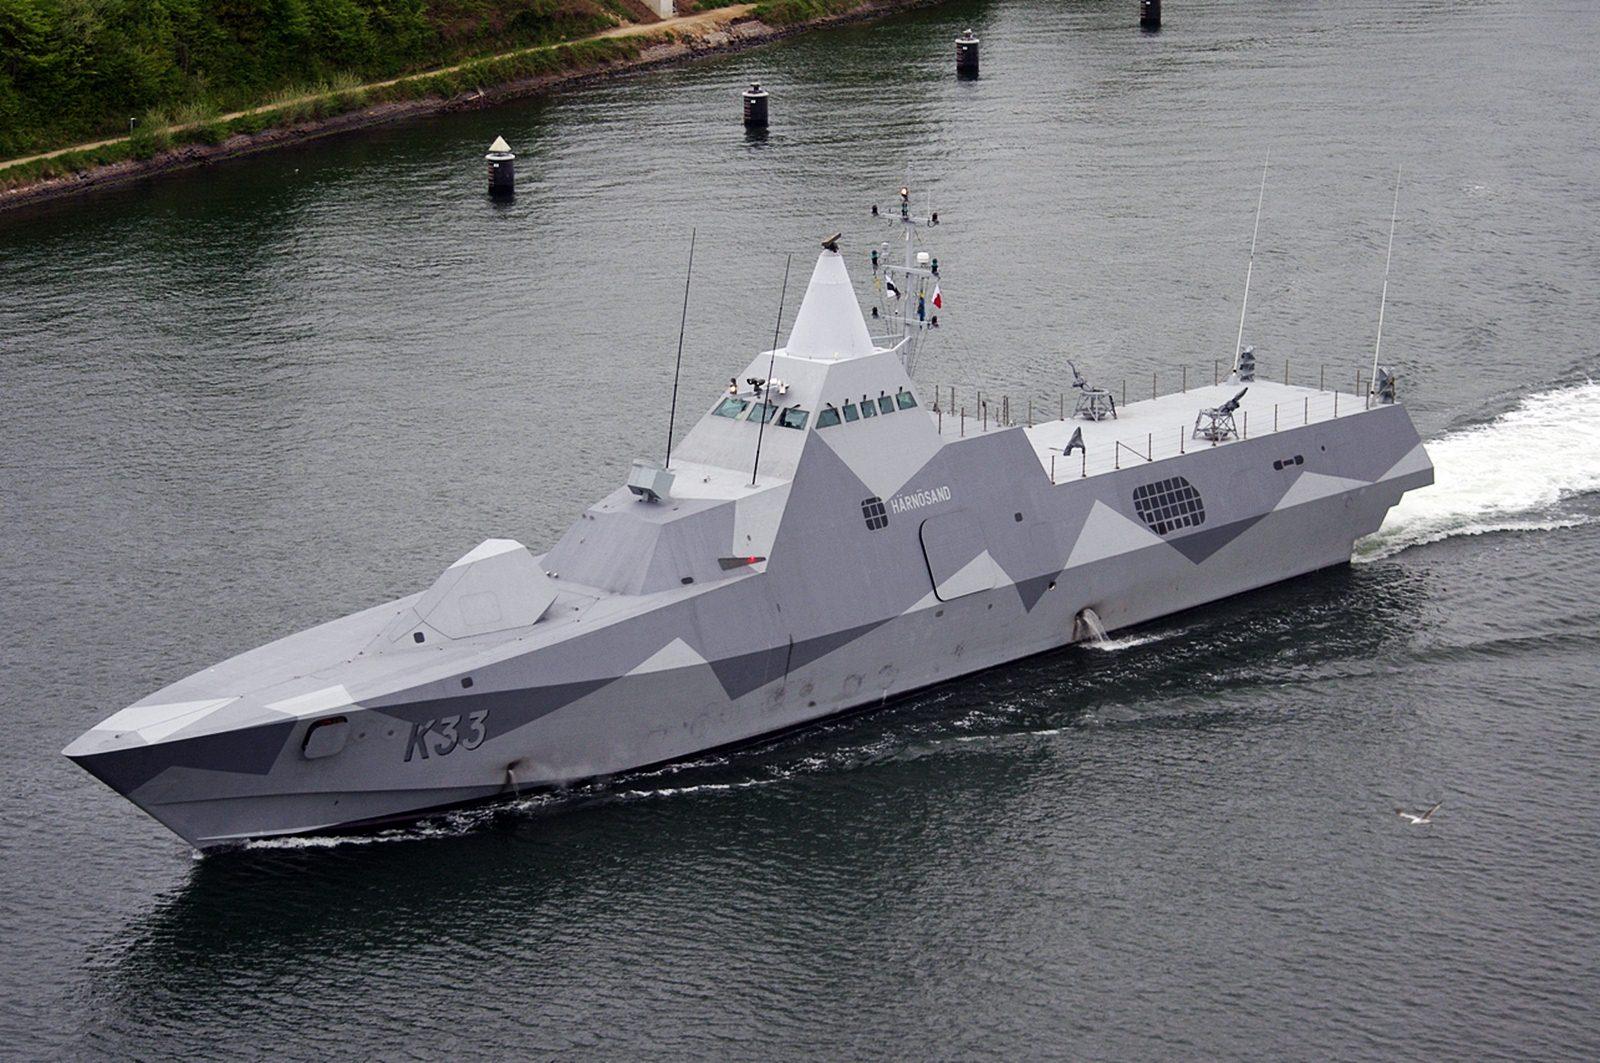 Korvet AL Swedia Vibby Class yang juga dibekali rudal RBS-15 MK3